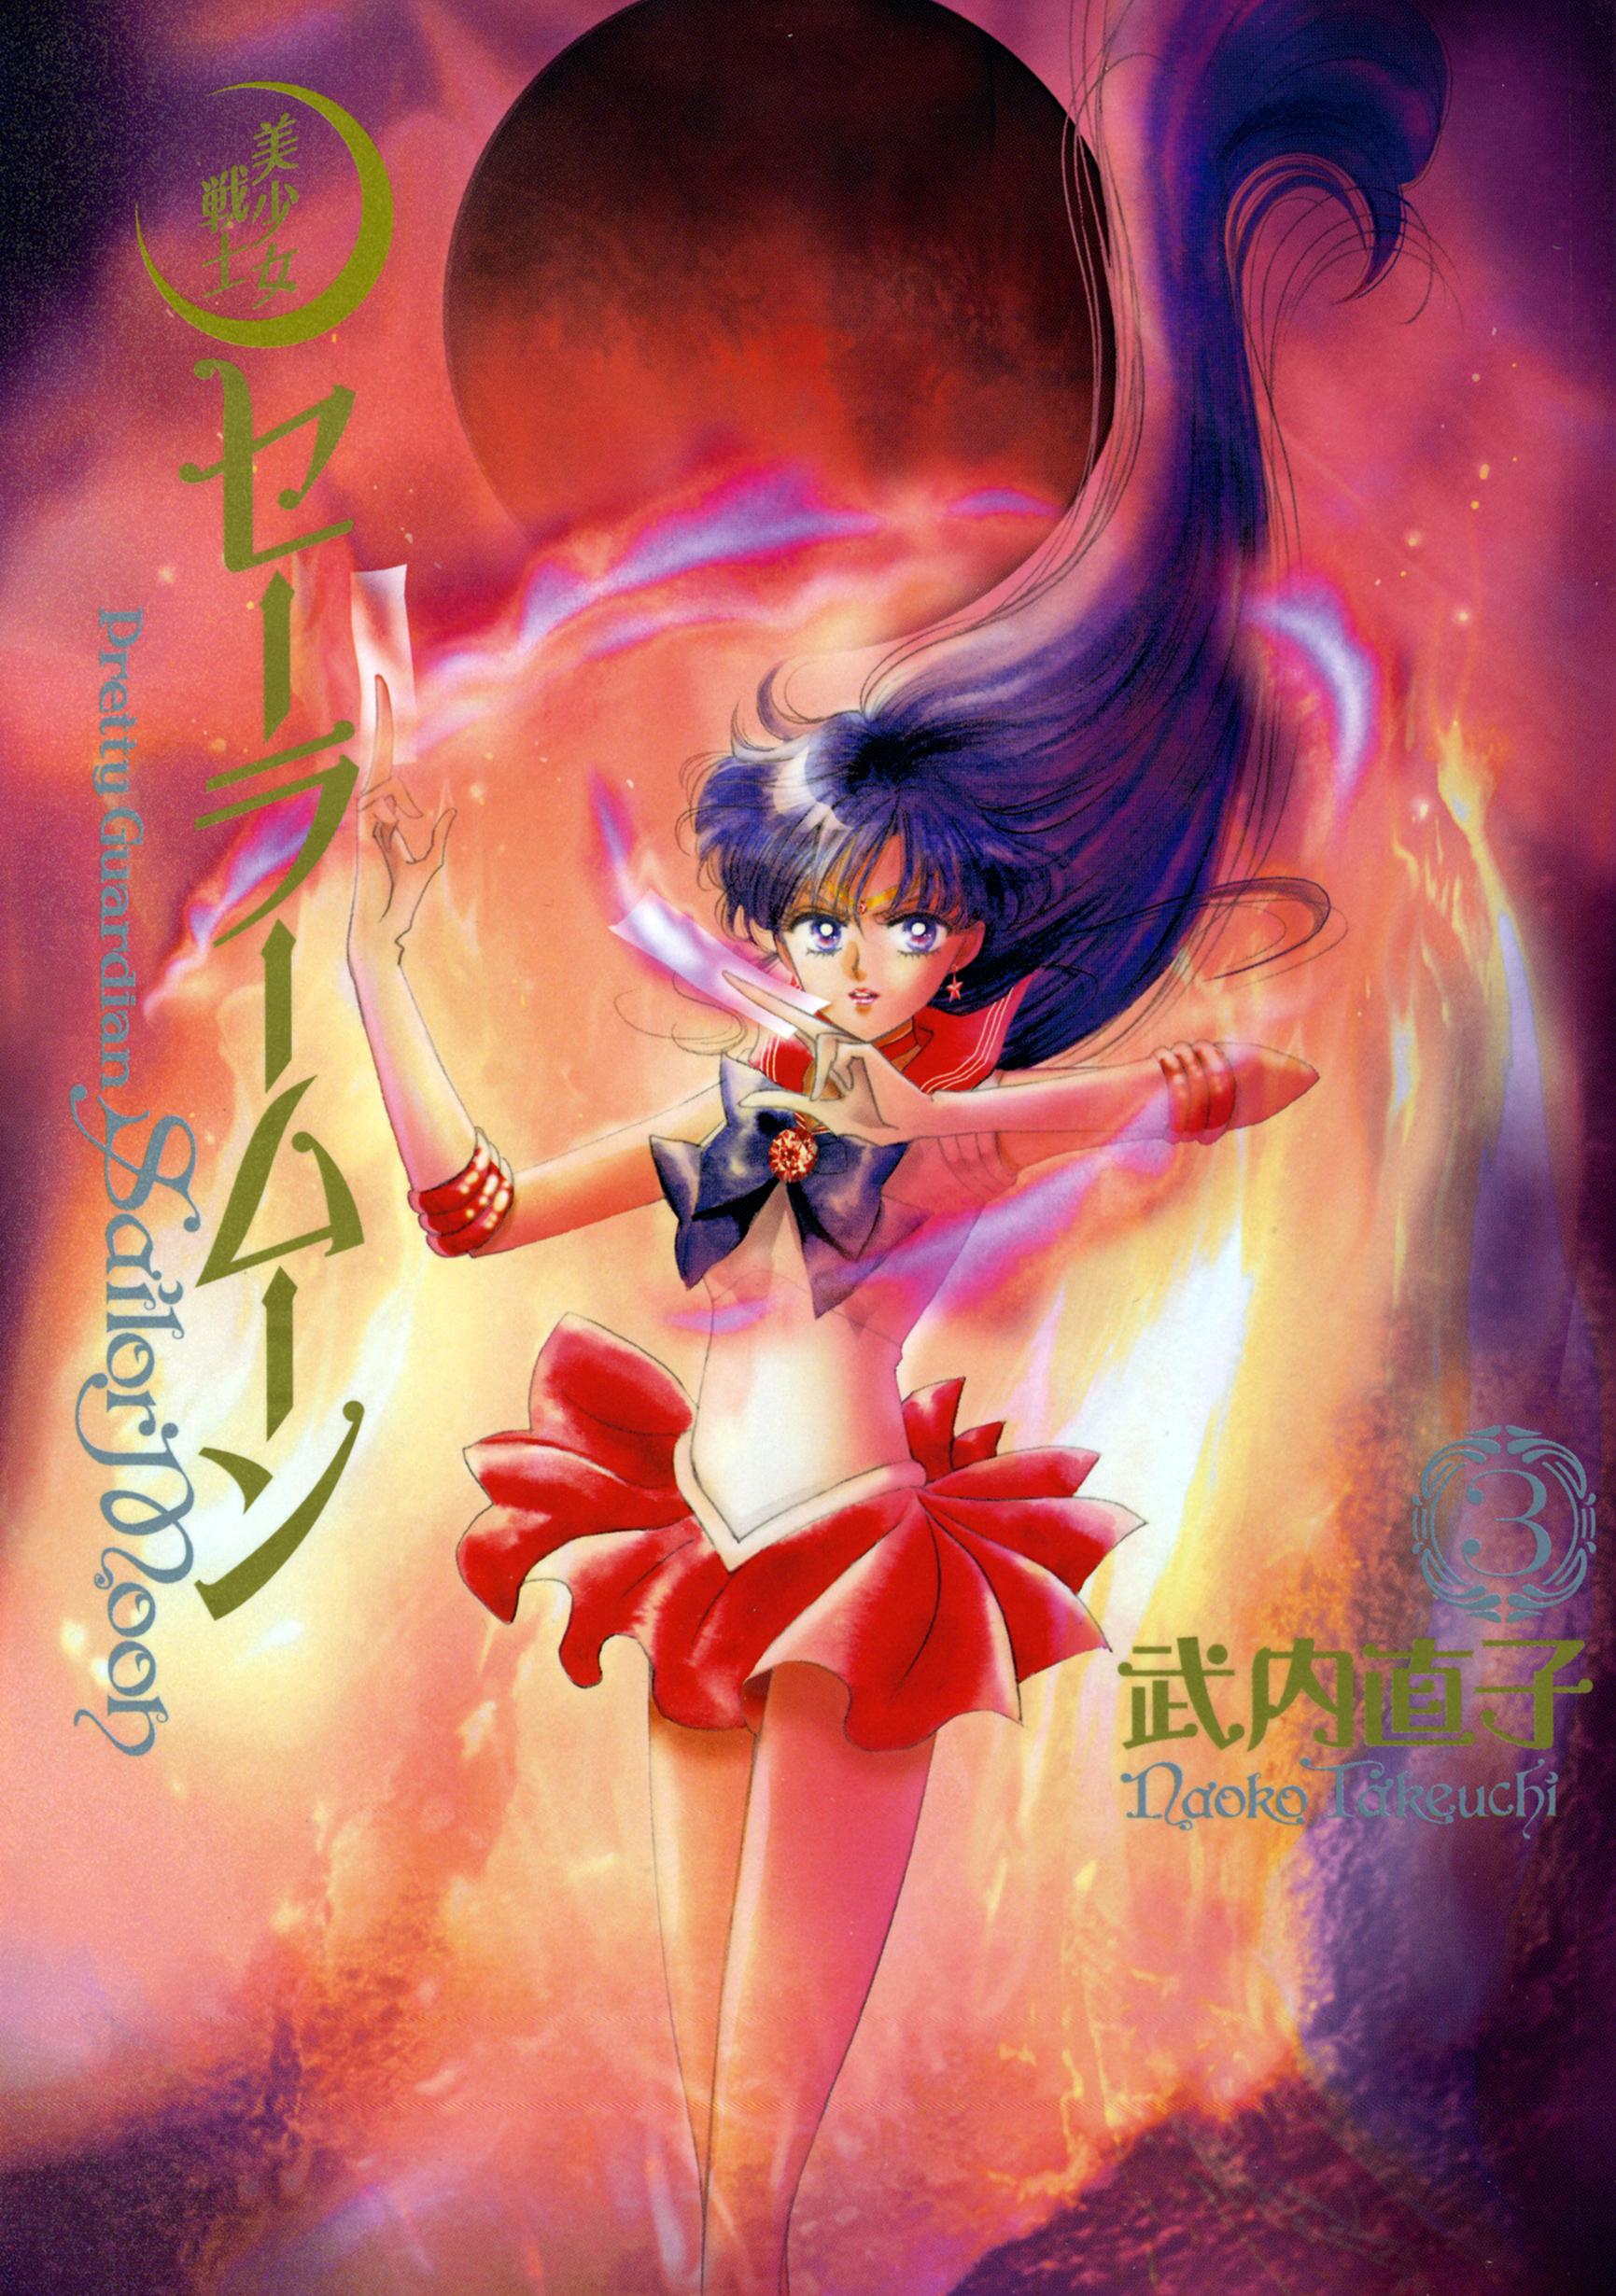 Sailor Moon Kanzenban (20th Anniversary Edition) & Sailor Moon Norma Editorial 6453637luop